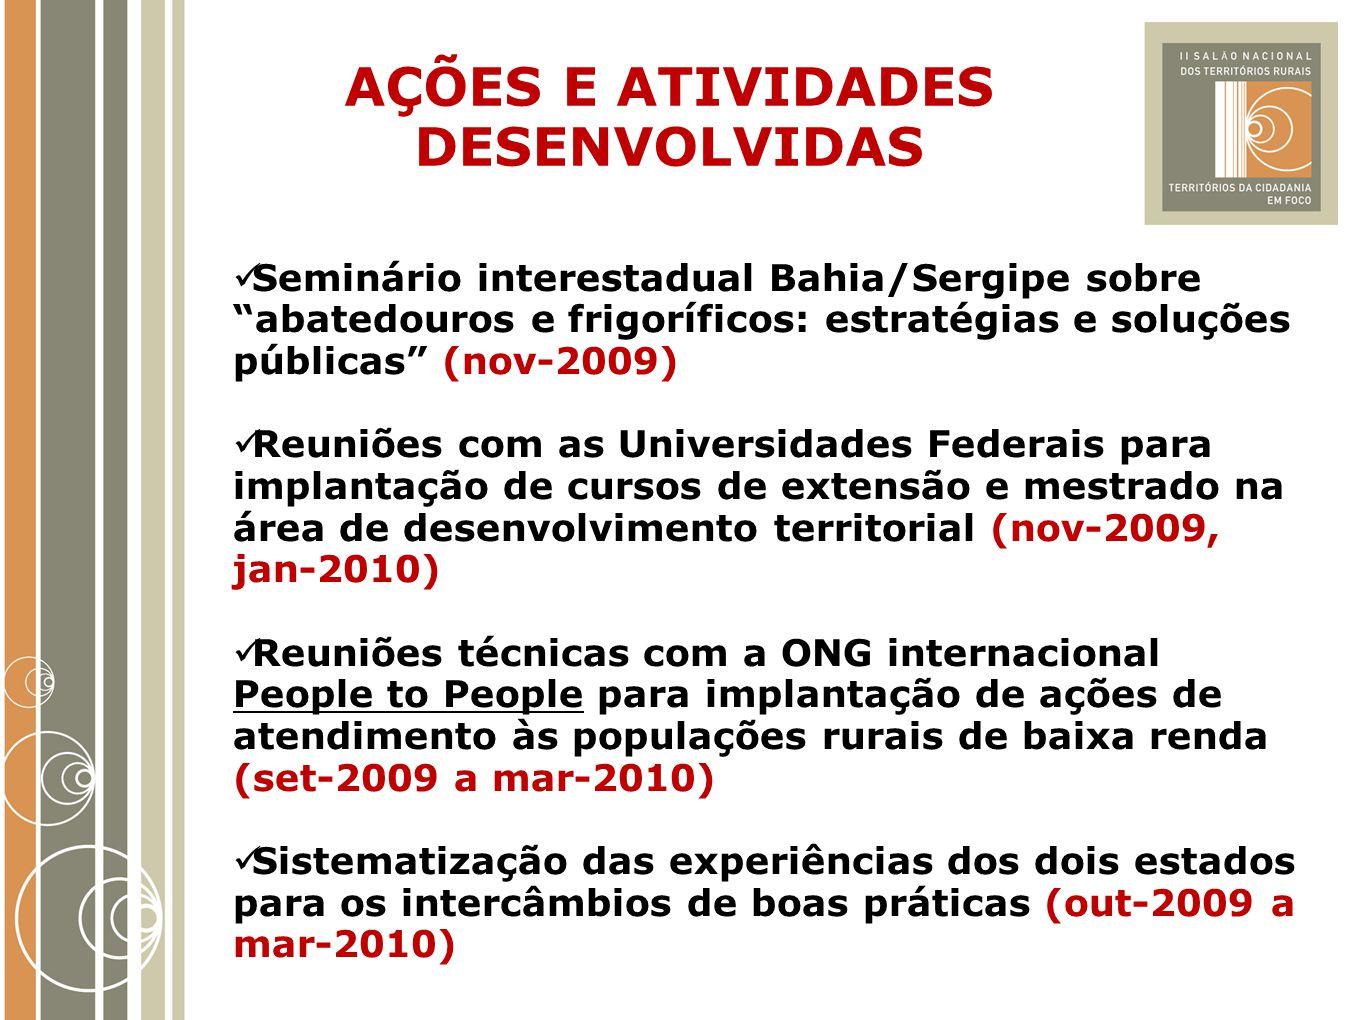 AÇÕES E ATIVIDADES DESENVOLVIDAS